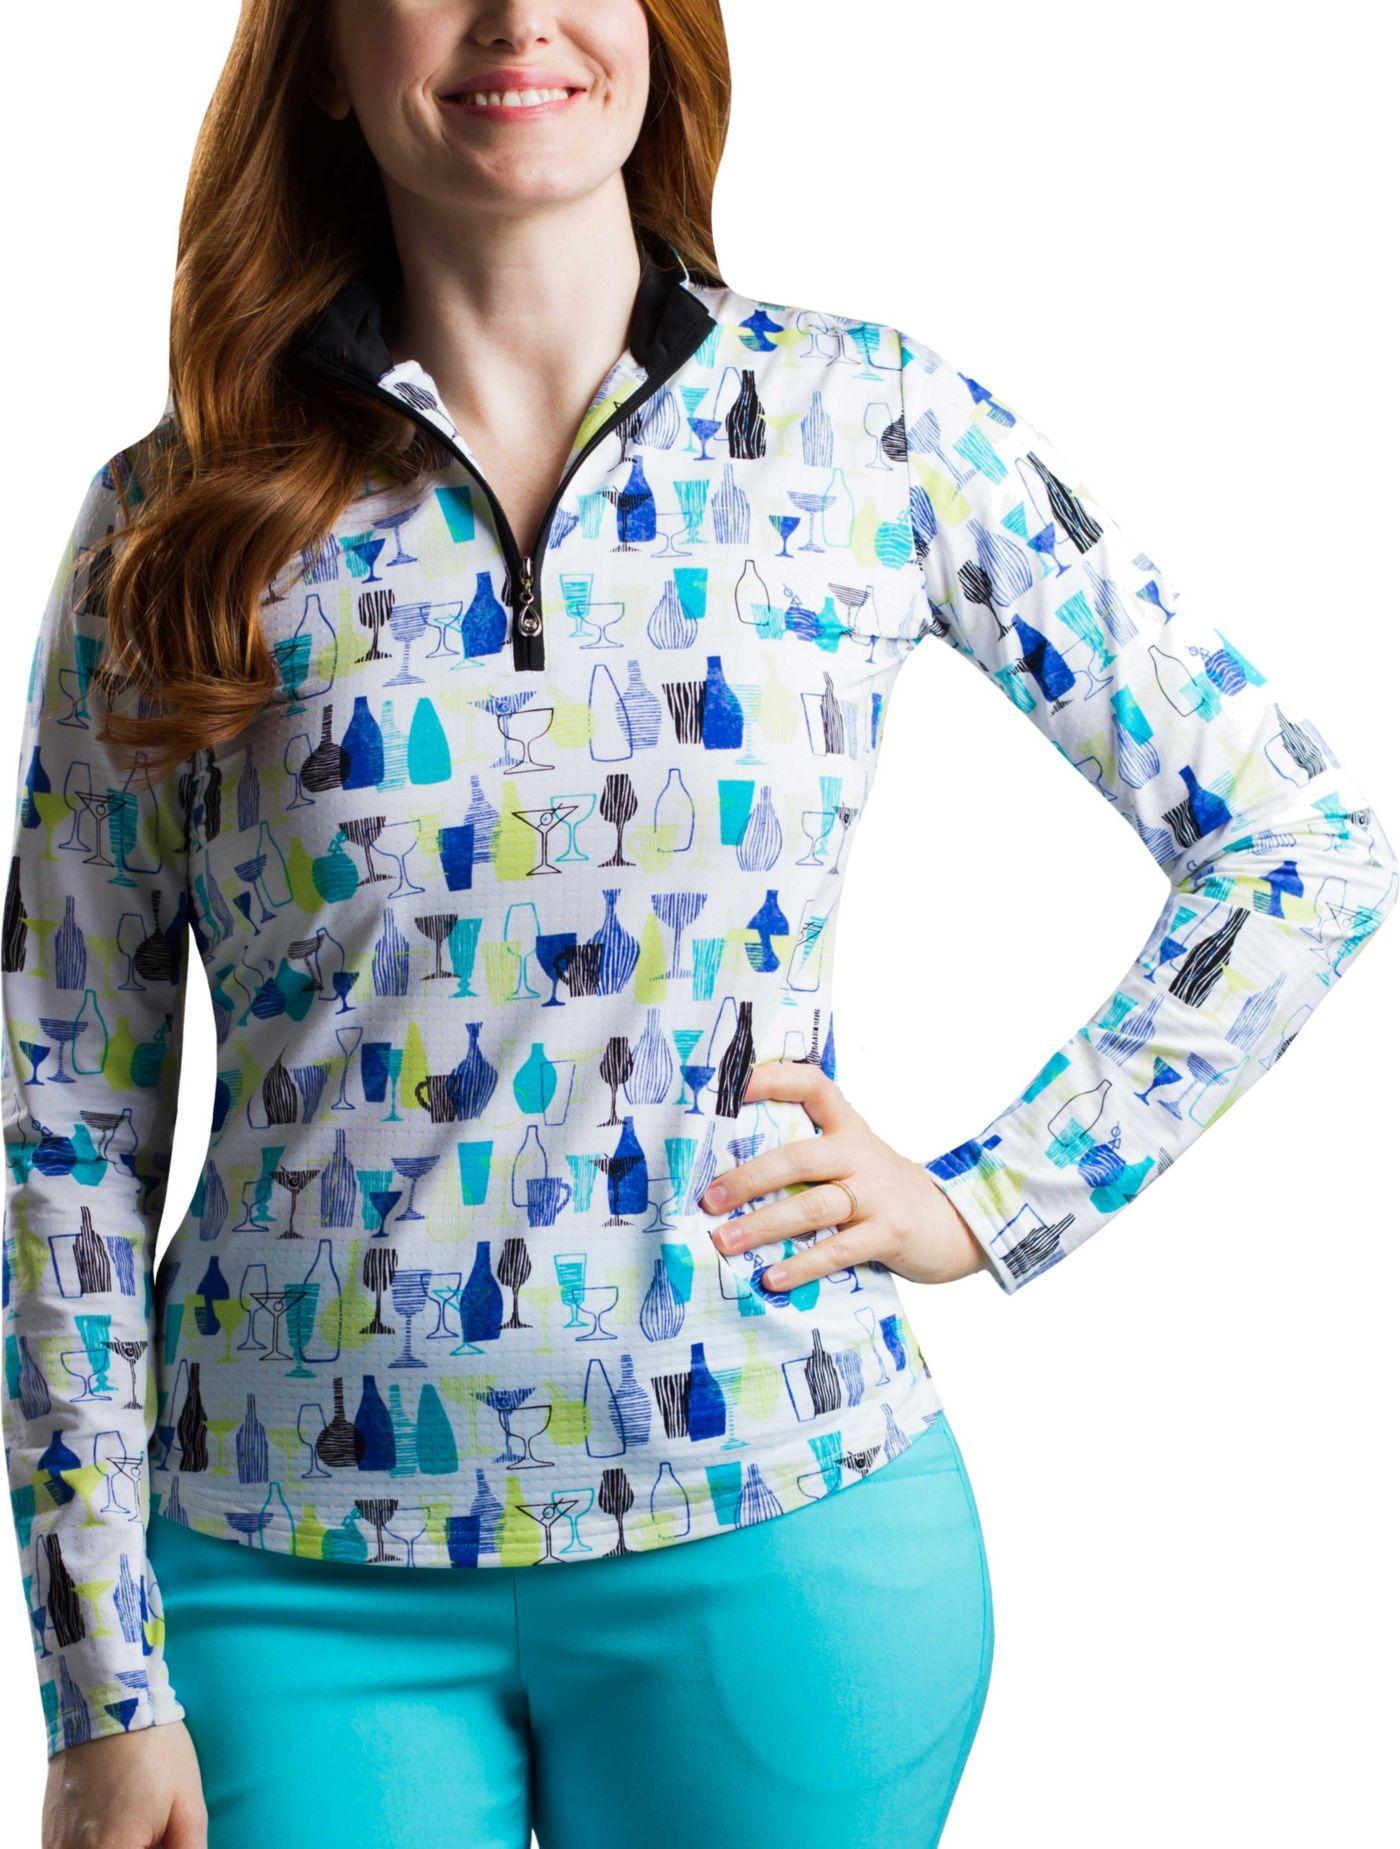 SanSoleil Women's SolTek ICE ¼-Zip Golf Pullover